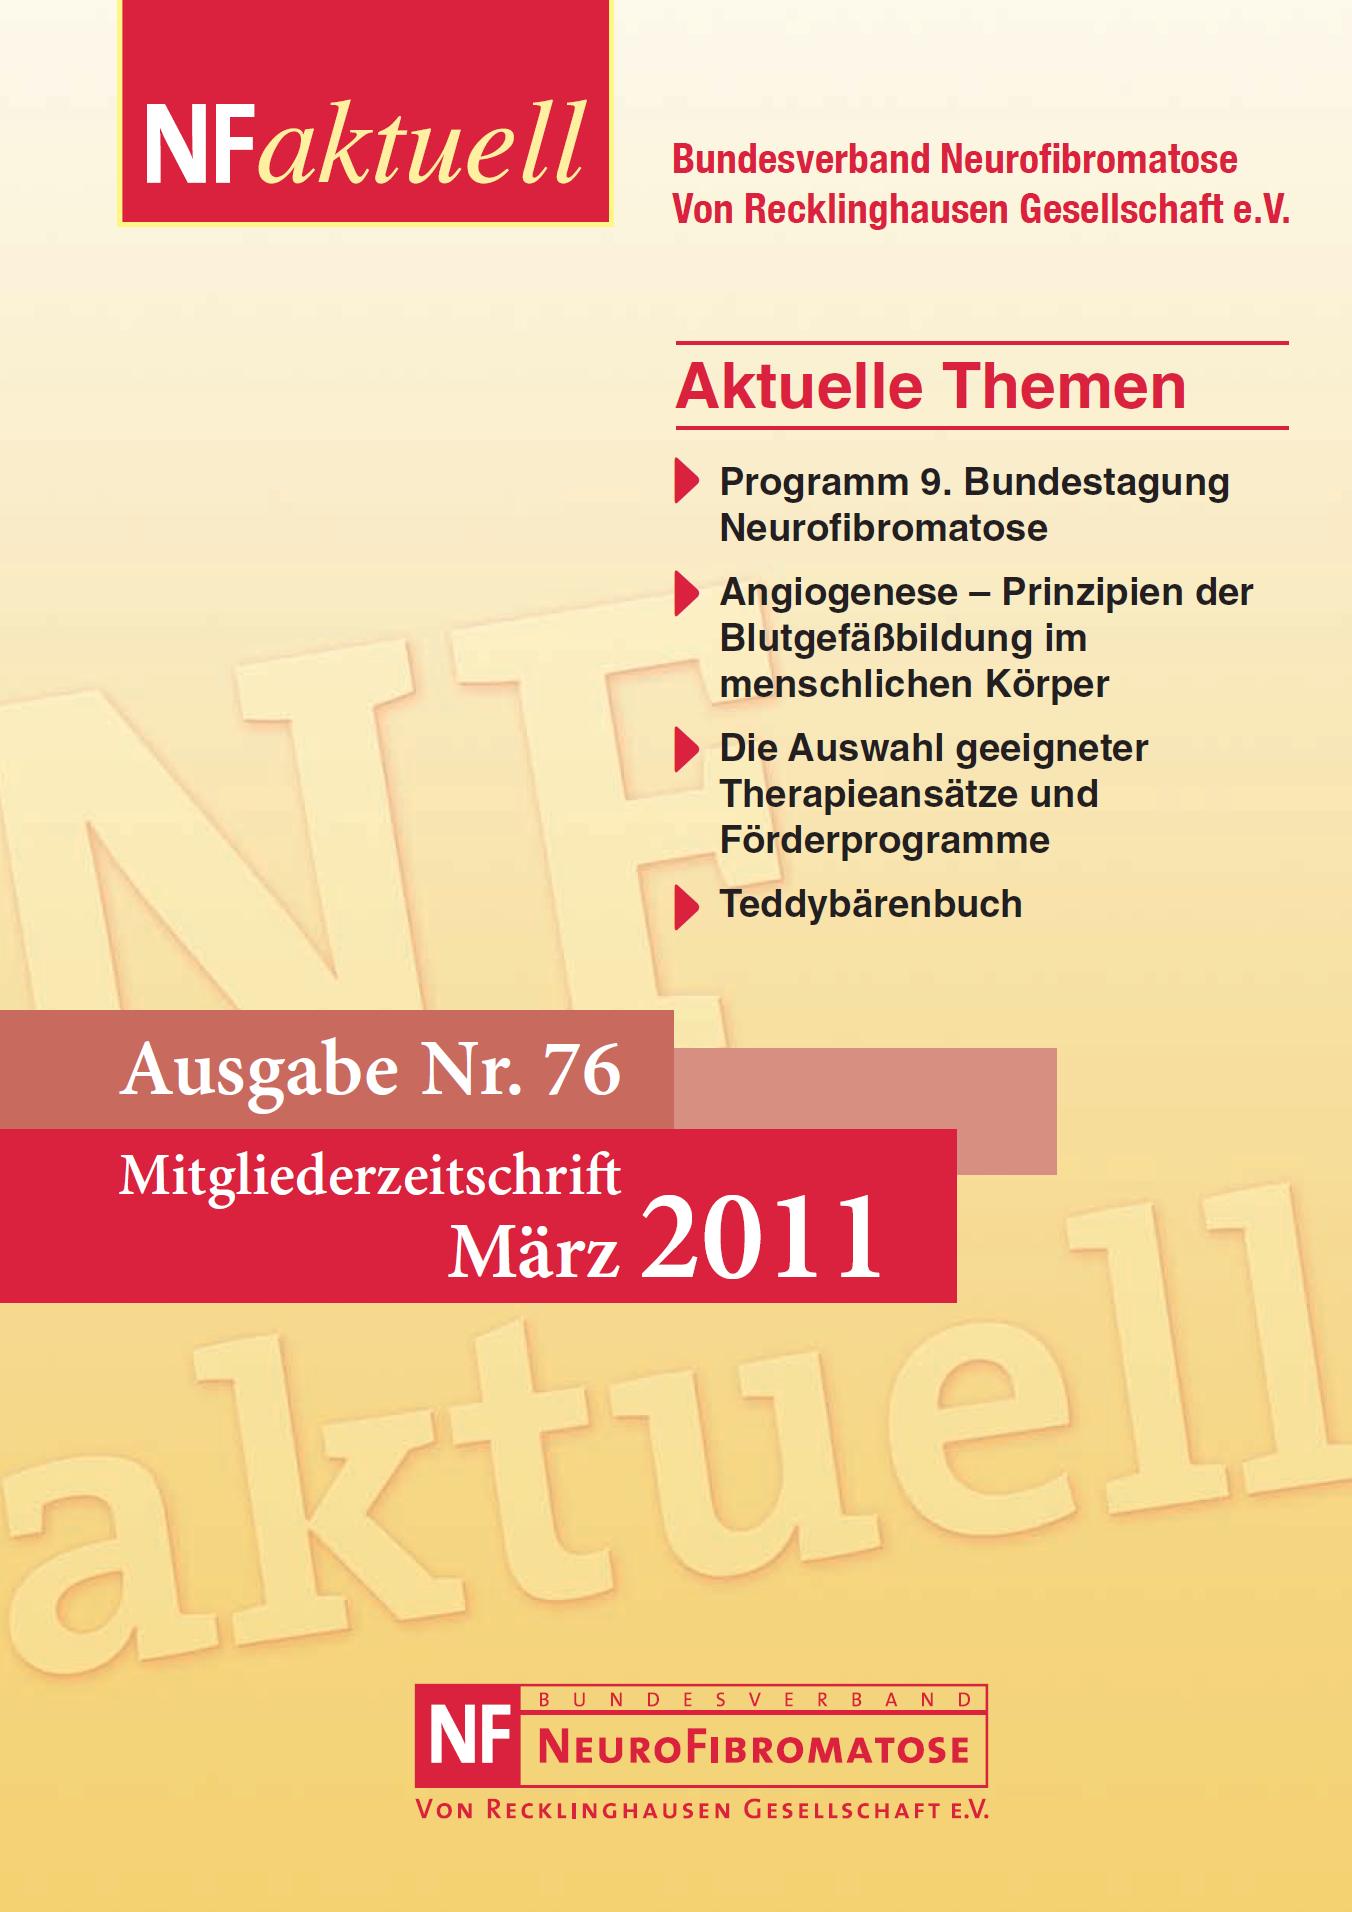 NFaktuell-76-maerz-2011-titel